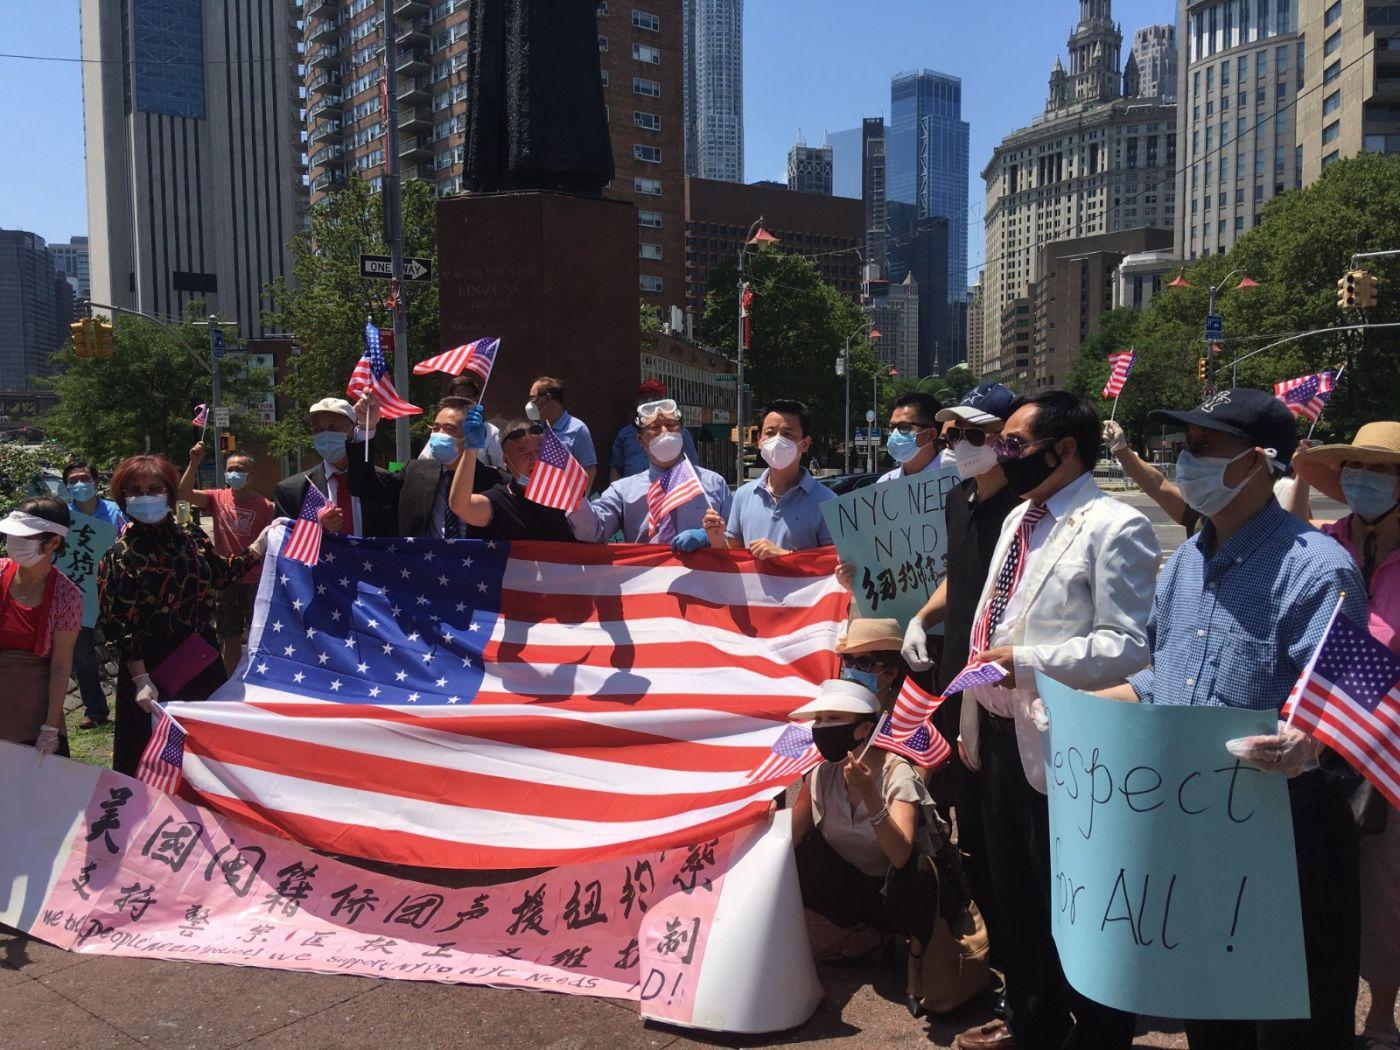 纽约华埠侨团声援支持纽约警察活动_图1-15